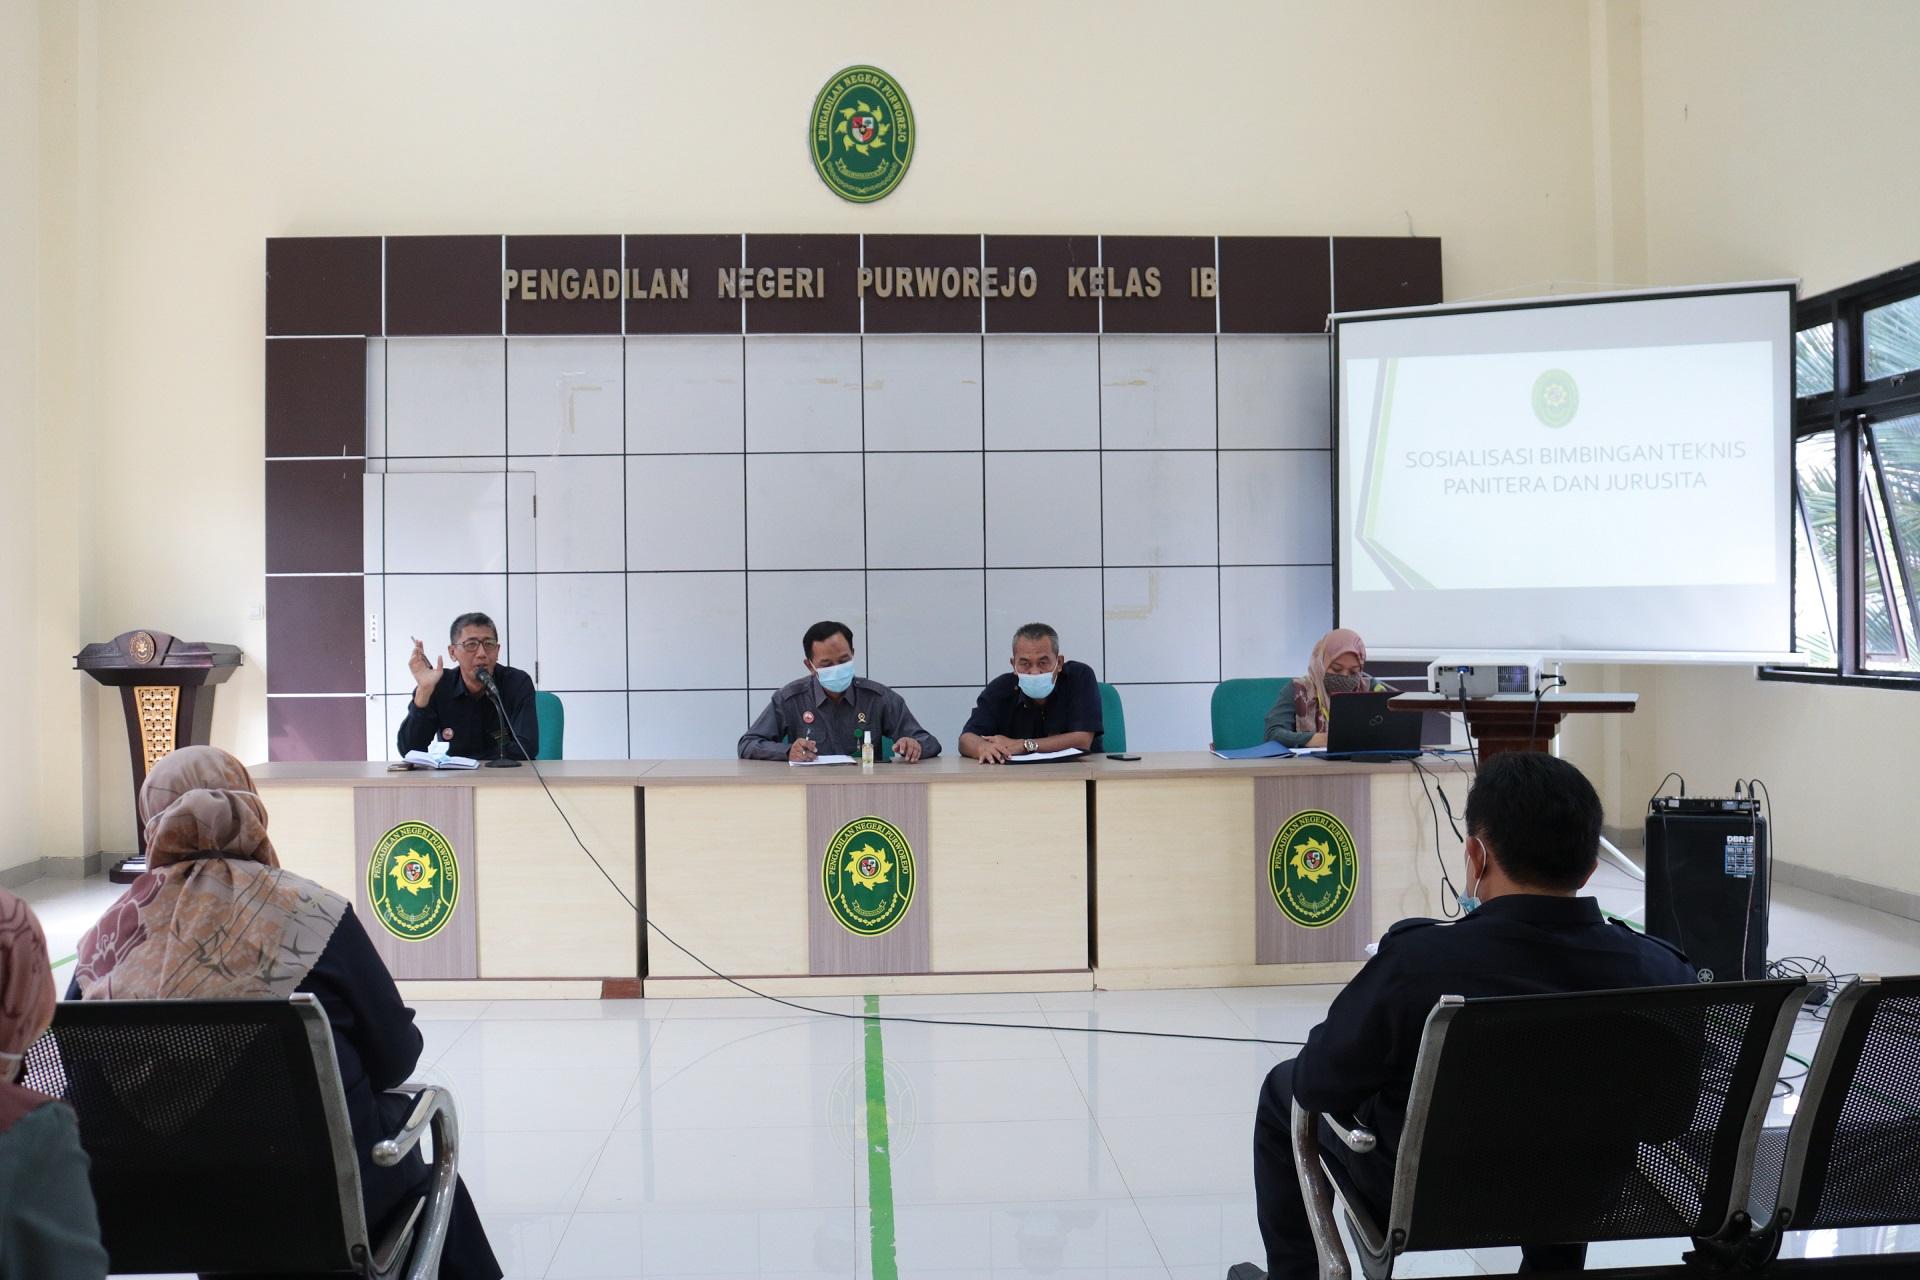 Sosialisasi Bimbingan Teknis Panitera & Jurusita Pengadilan Negeri Purworejo